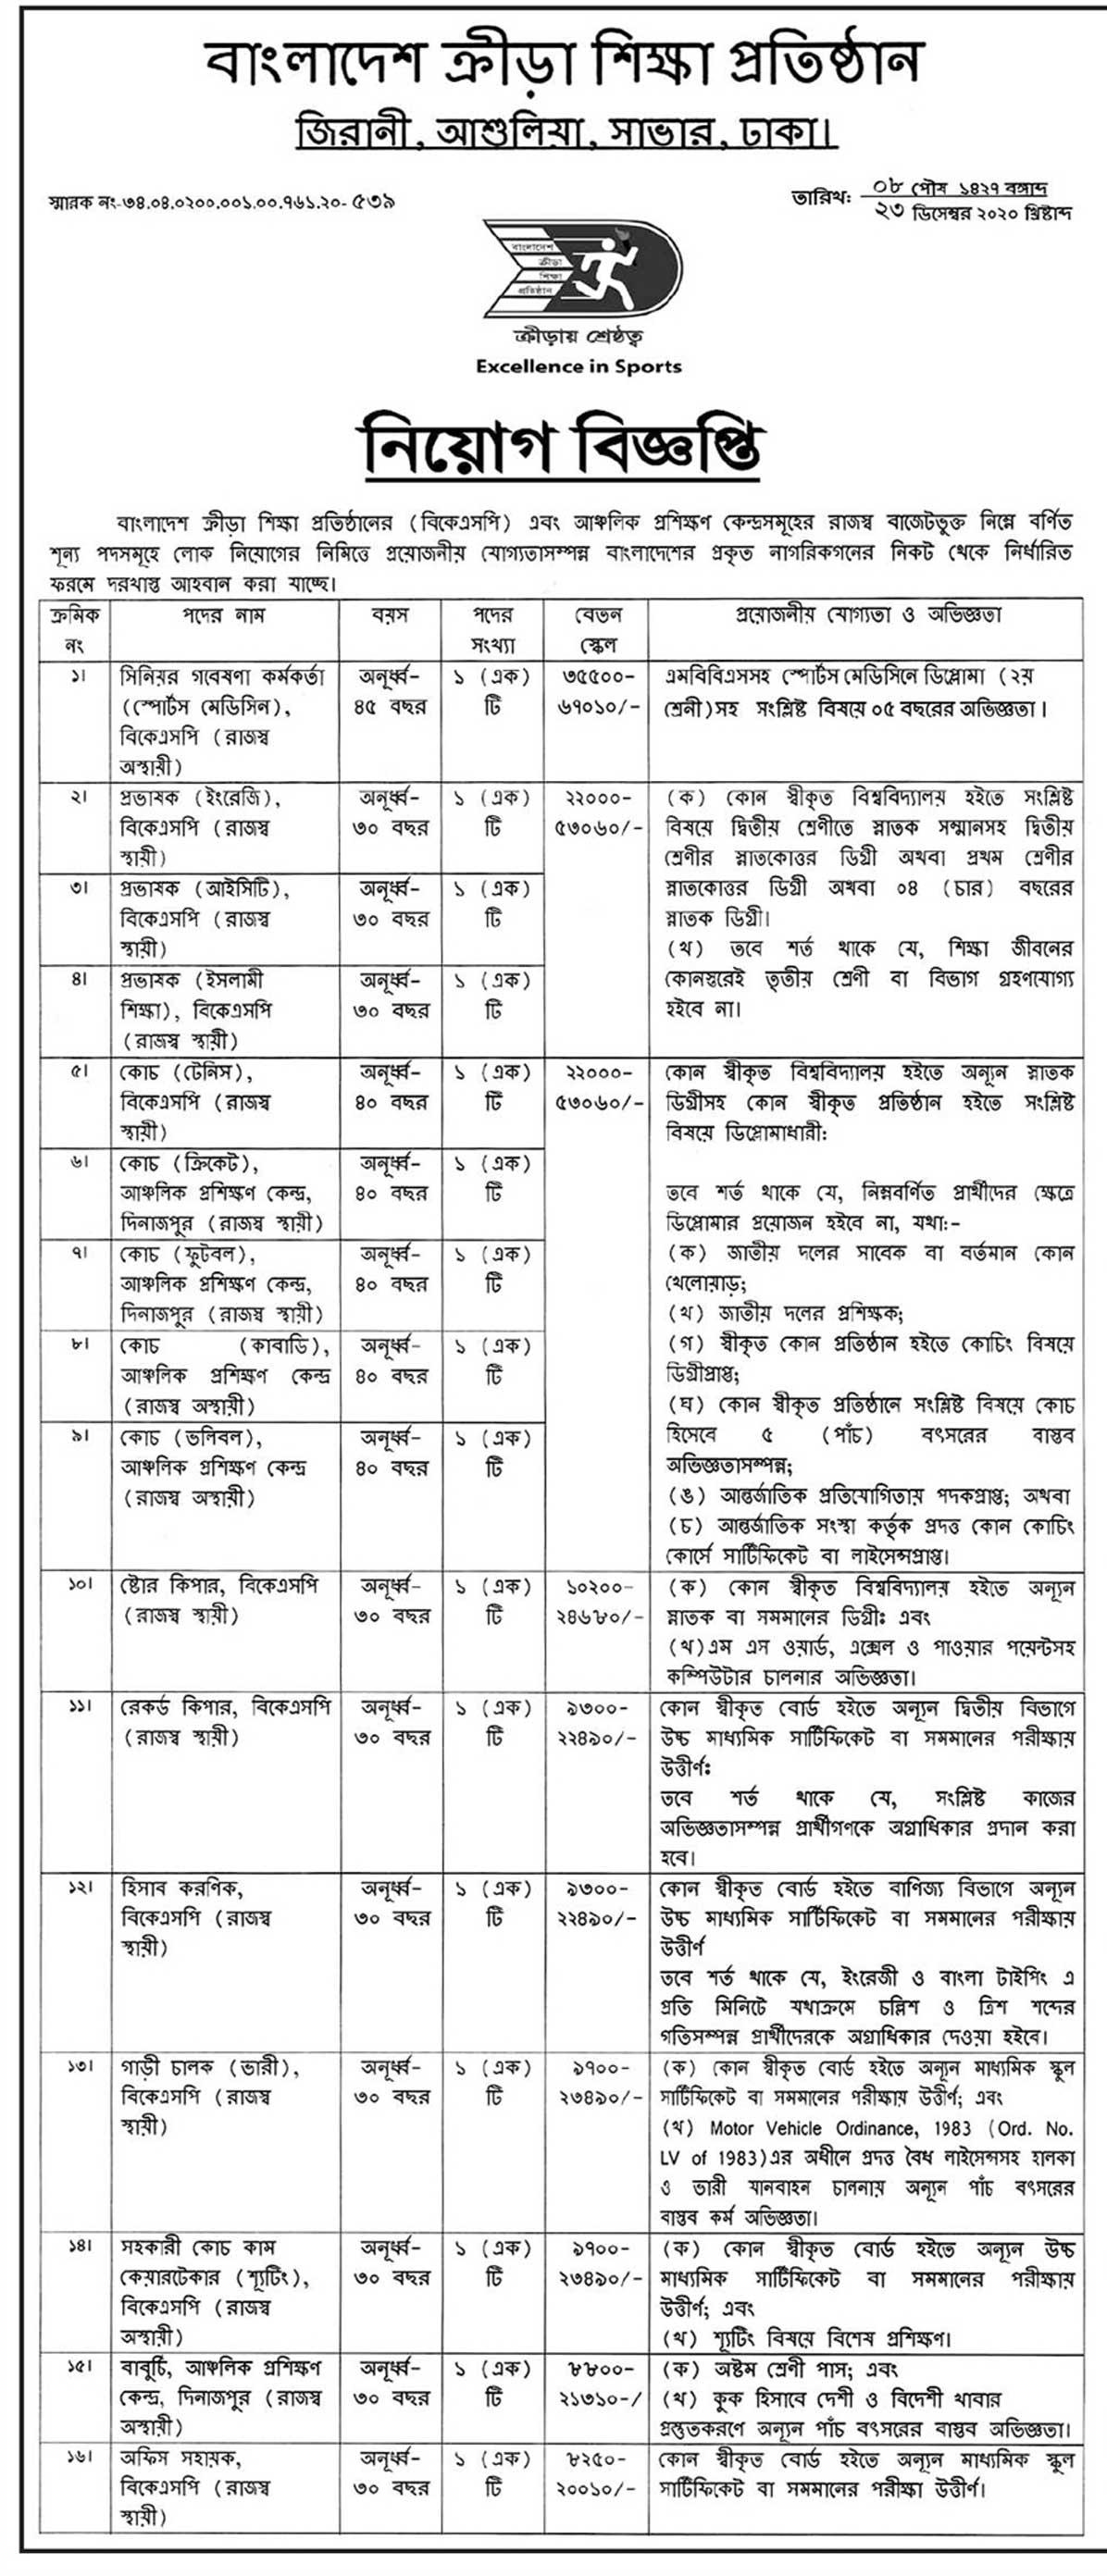 BKSP Job Circular 2021